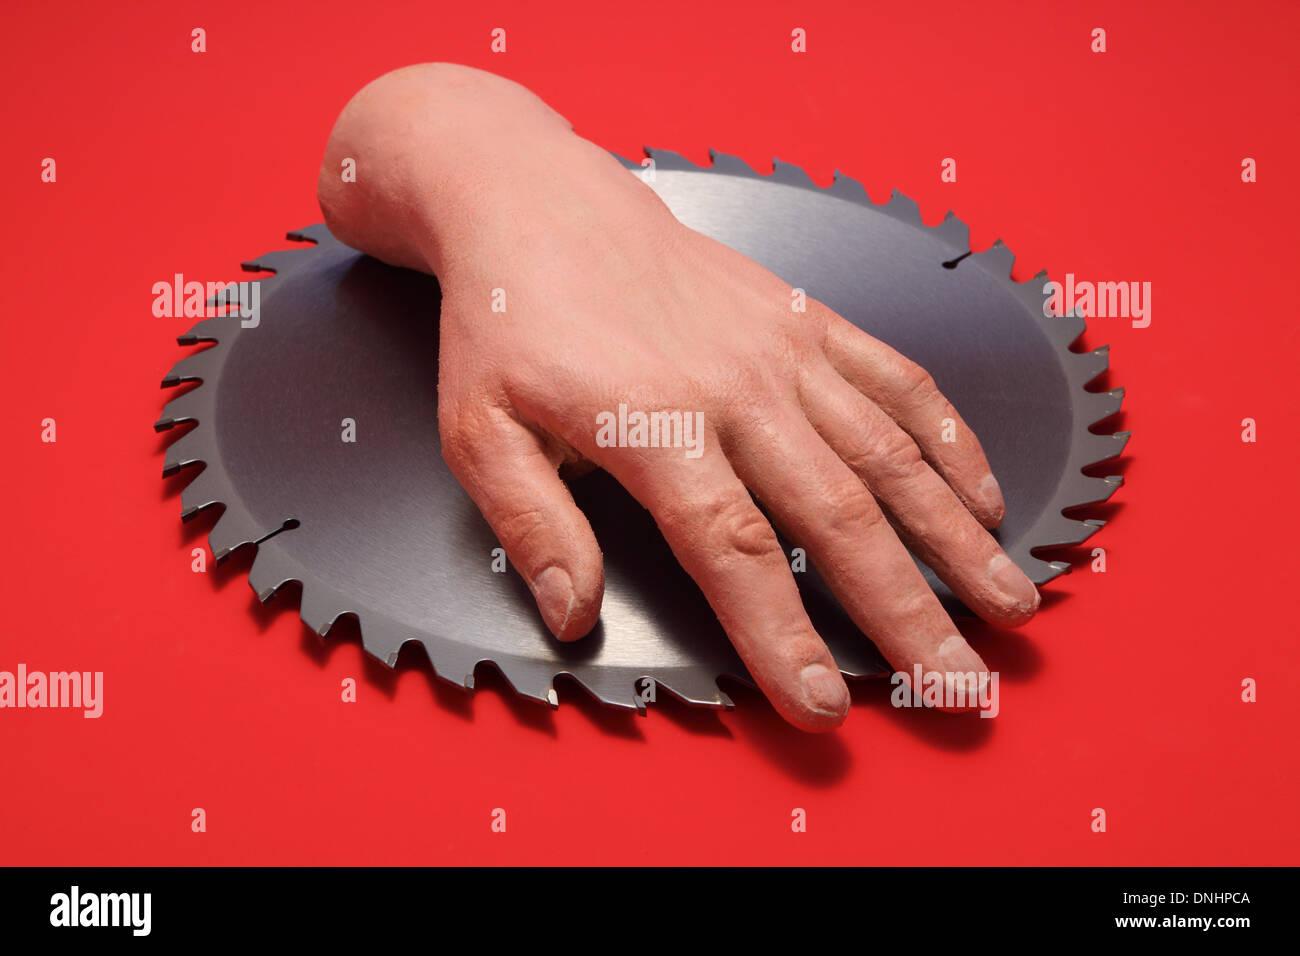 Une fausse main humaine sur une lame de scie circulaire en métal avec un fond rouge. Photo Stock